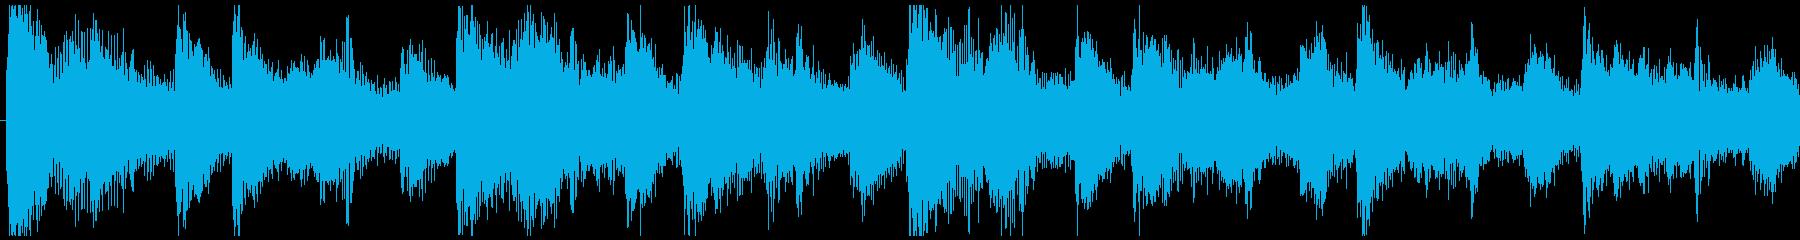 環境にやさしい事業紹介のCM曲-ループ2の再生済みの波形